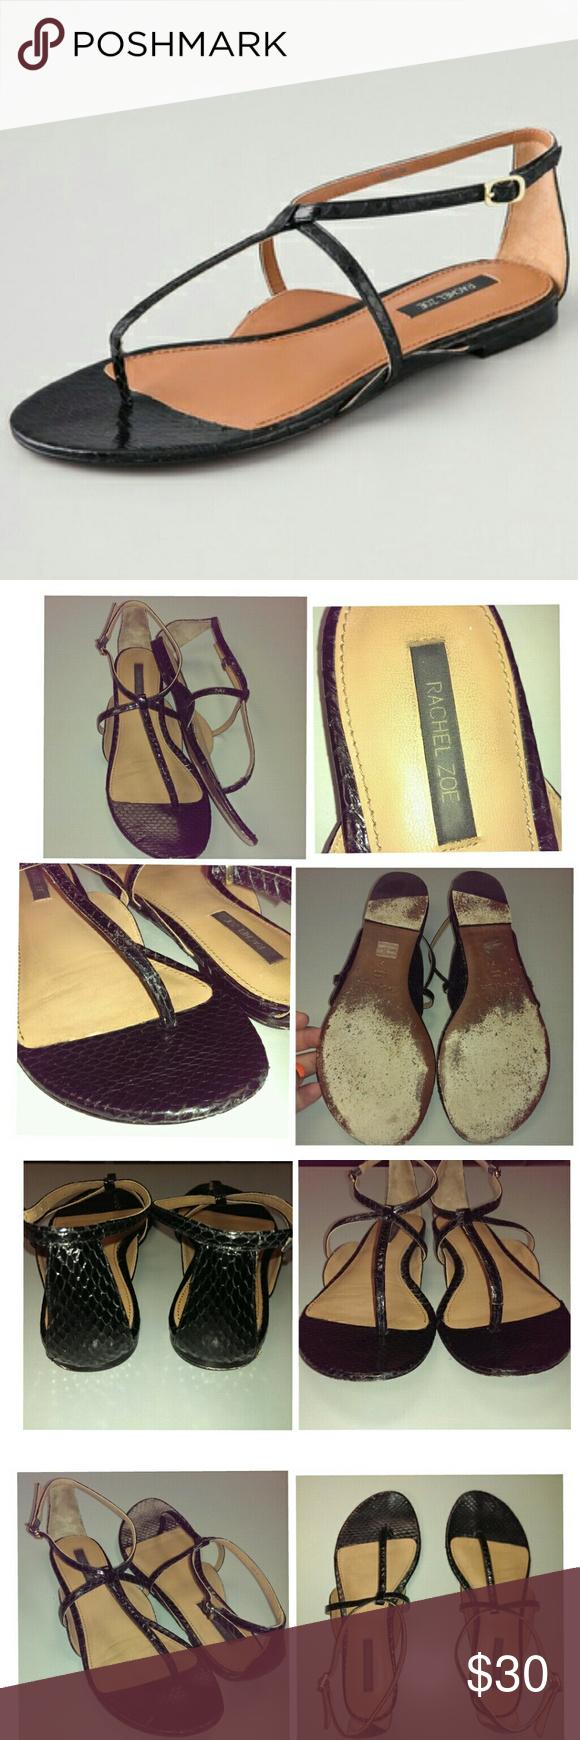 929fda67e Rachel zoe gwen snakeskin sandals